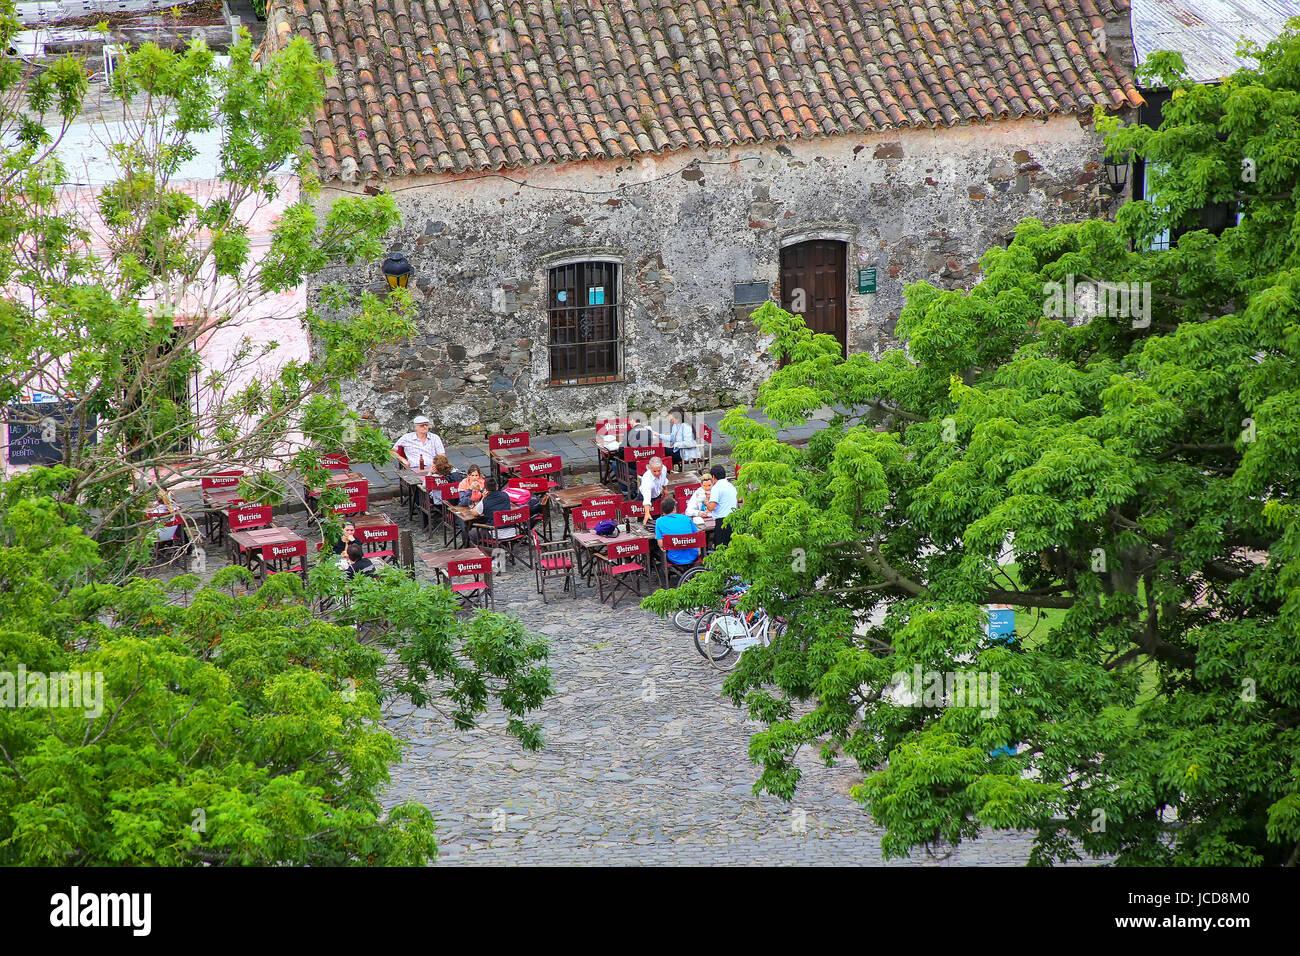 Street cafe en Colonia del Sacramento, Uruguay. Es una de las ciudades más antiguas de Uruguay Imagen De Stock